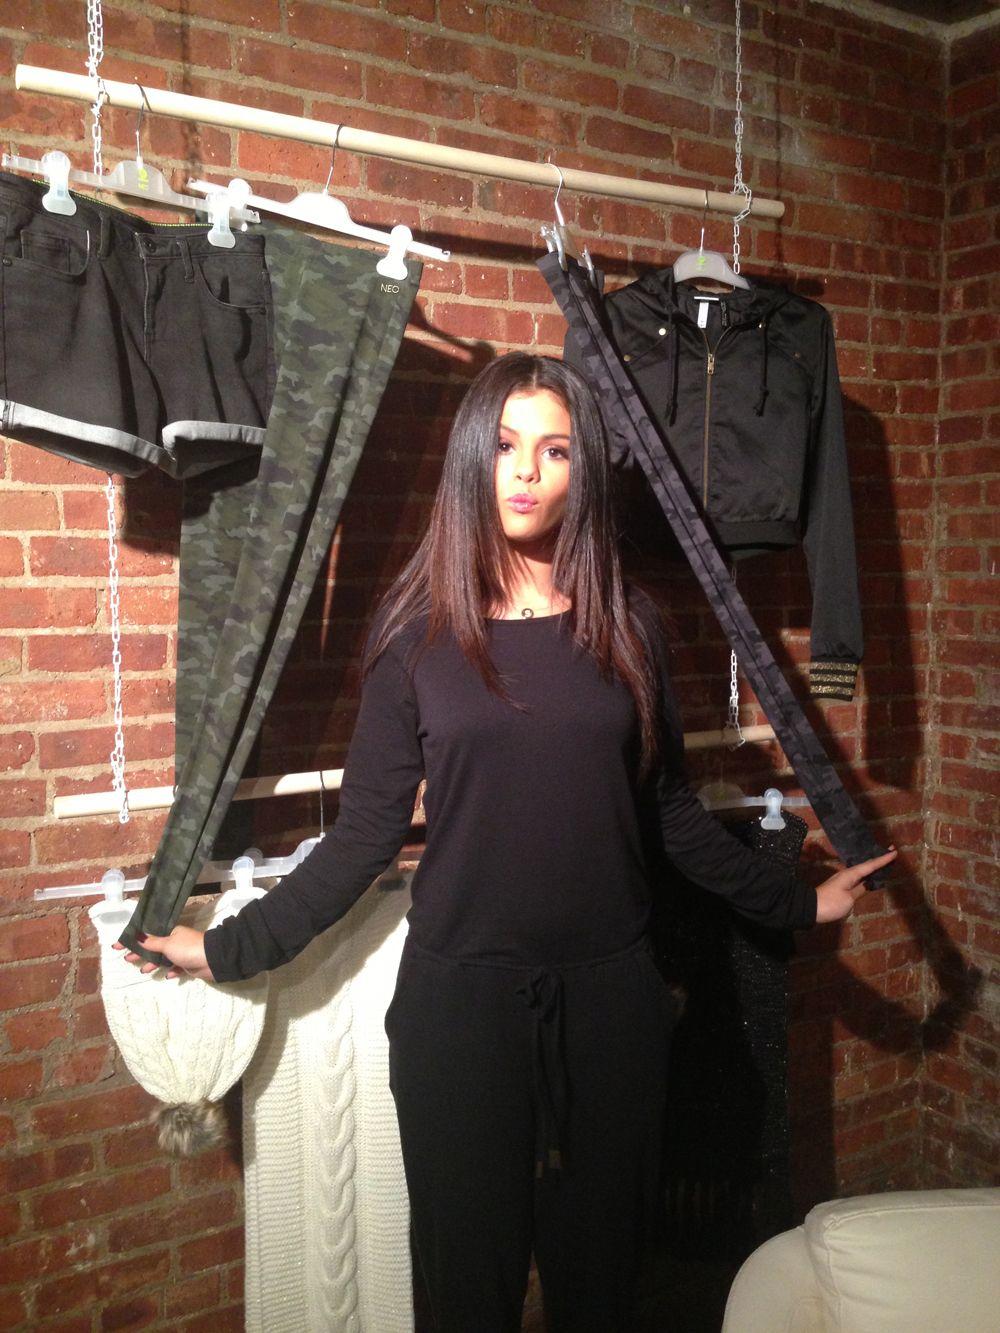 Emigrar ambición Maletín  Selena Gomez Adidas Neo Fall/Winter 2014 Collection - Selena Gomez Adidas  Neo NYFW Runway Fashion Show